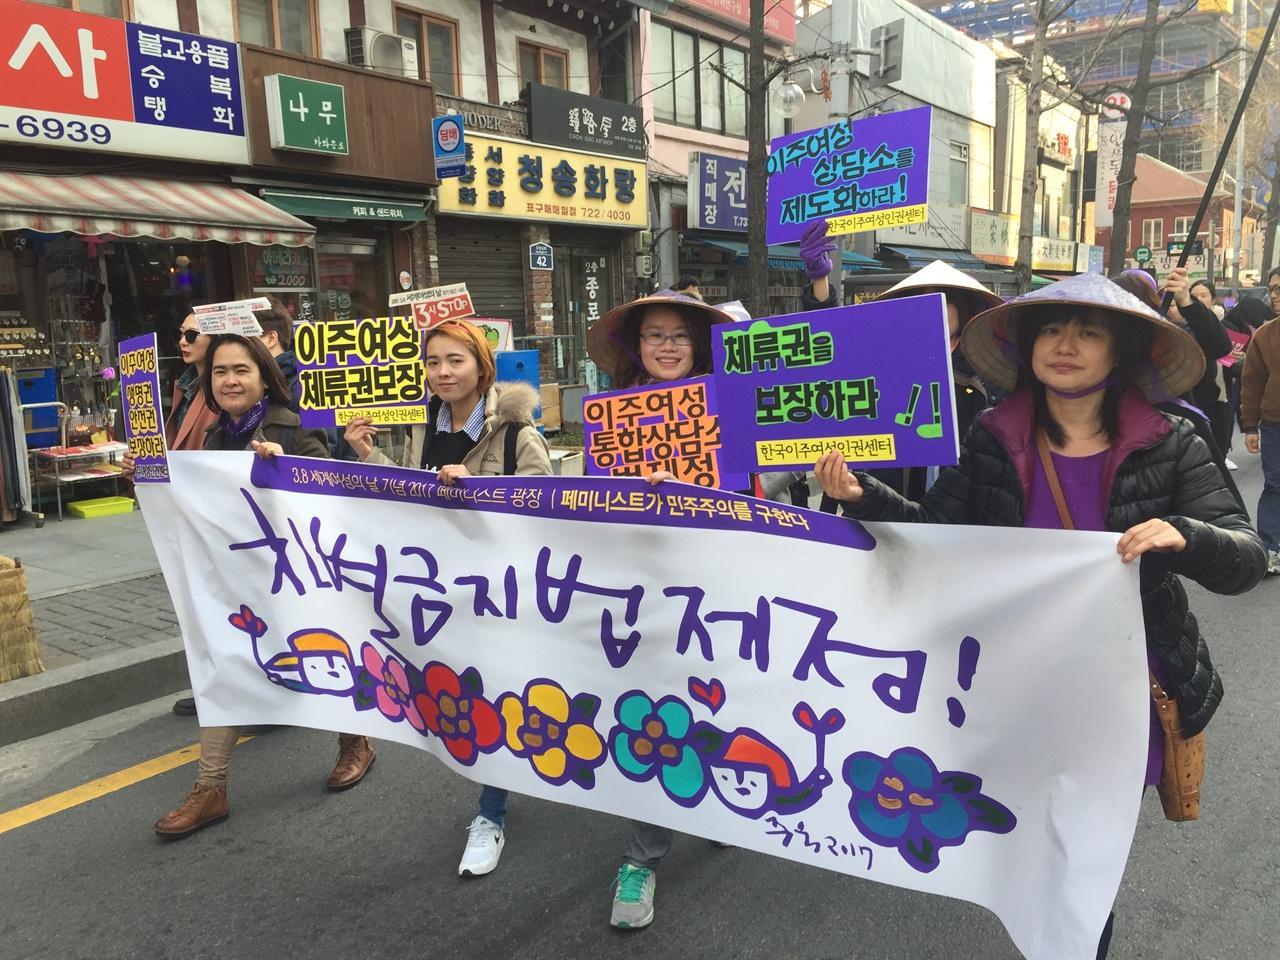 세계여성의날, 이주여성들도 함께하고 있다.